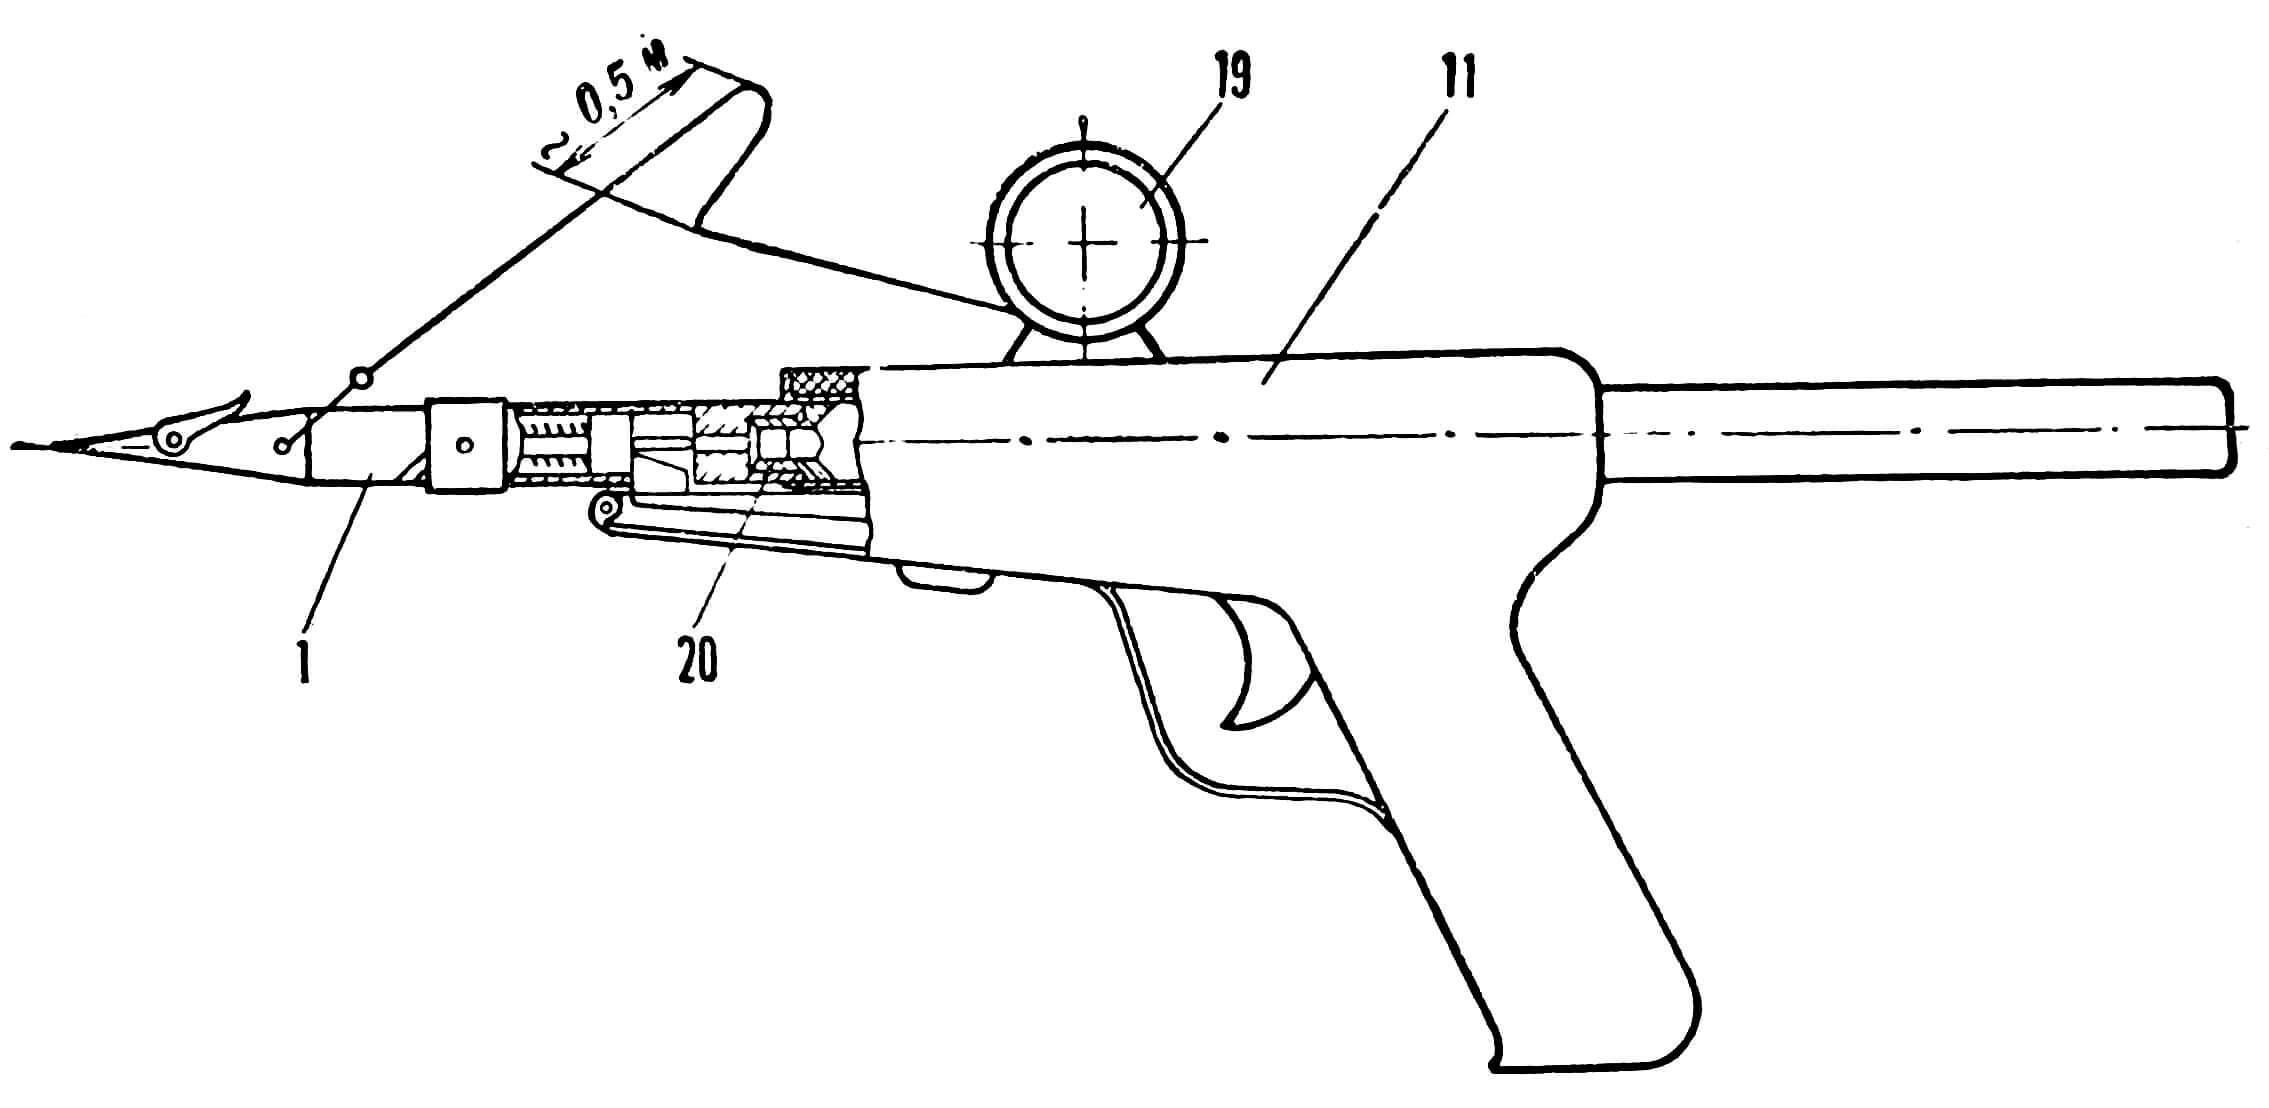 Рис. 1. Общий вид ружья и его детали.